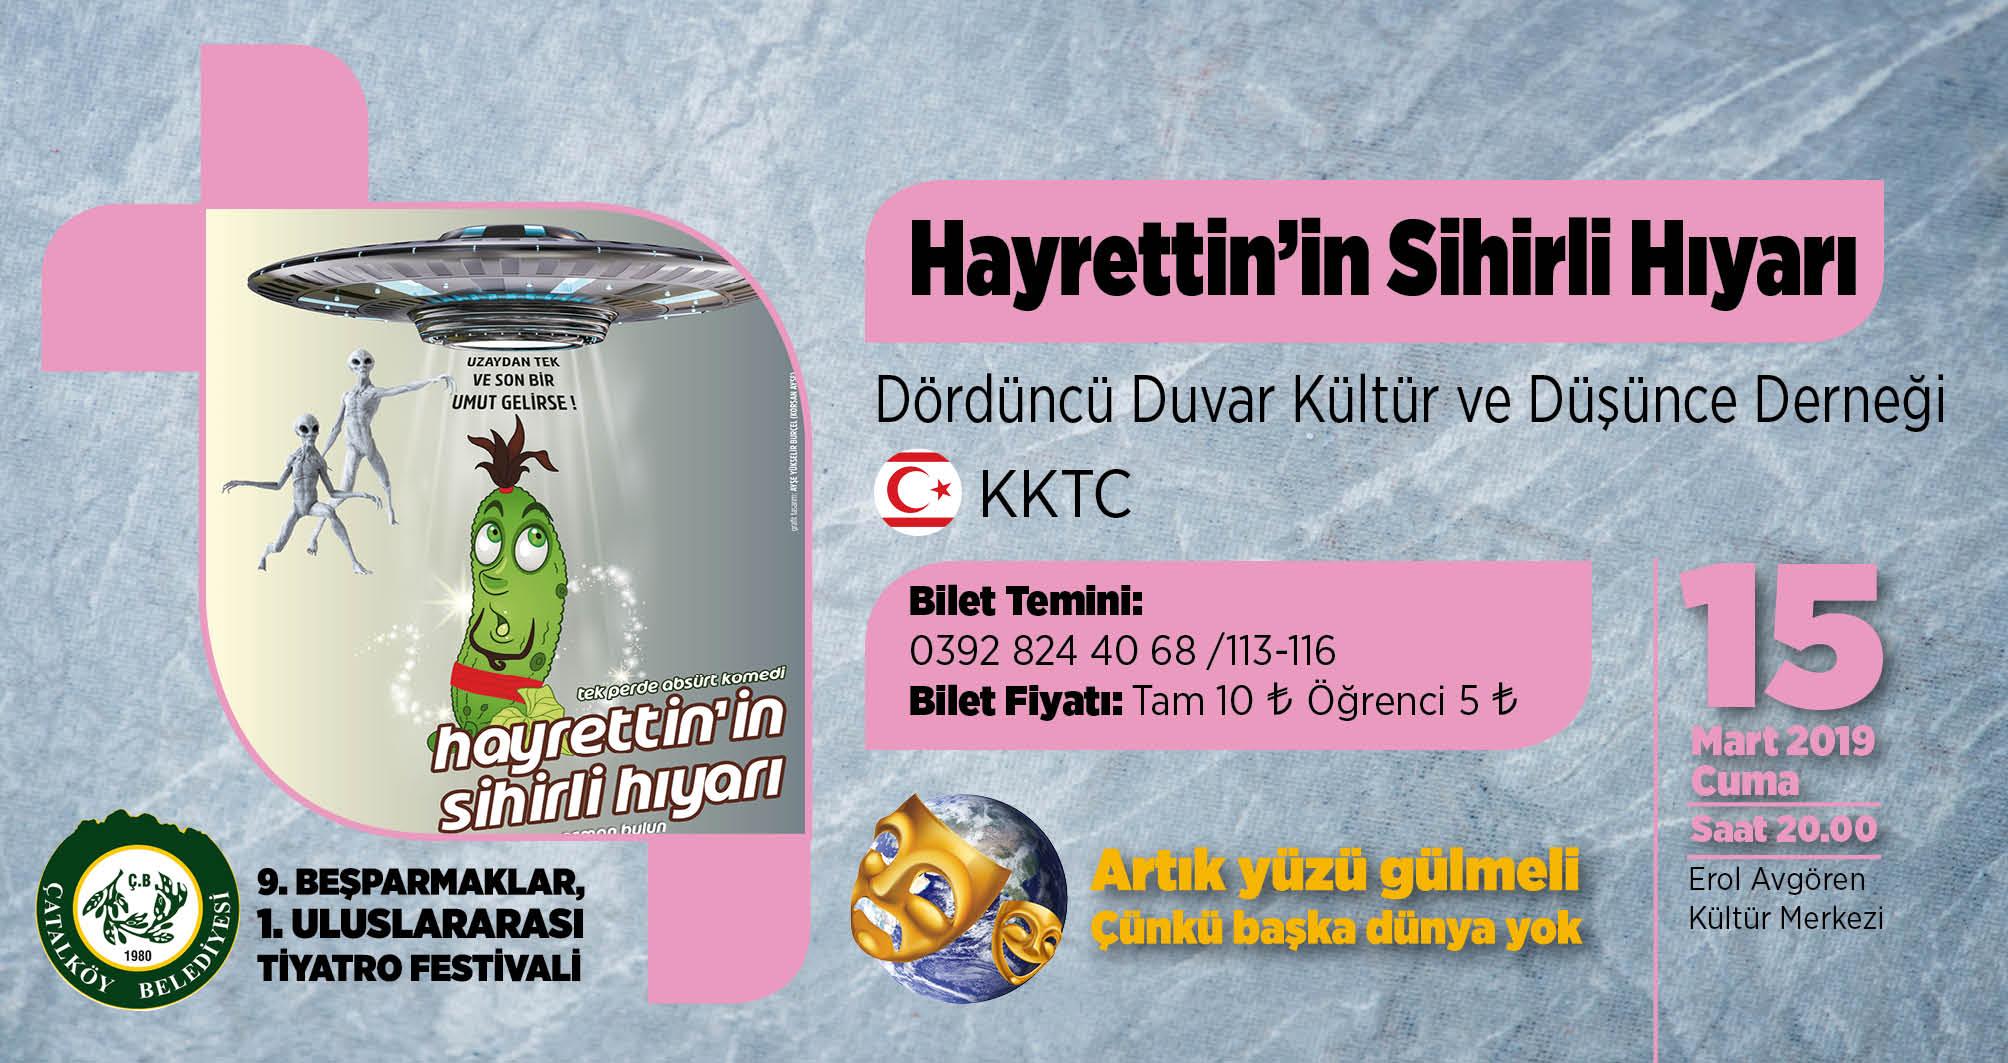 'Hayrettin'in Sihirli Hıyarı' bu akşam Çatalköy'de